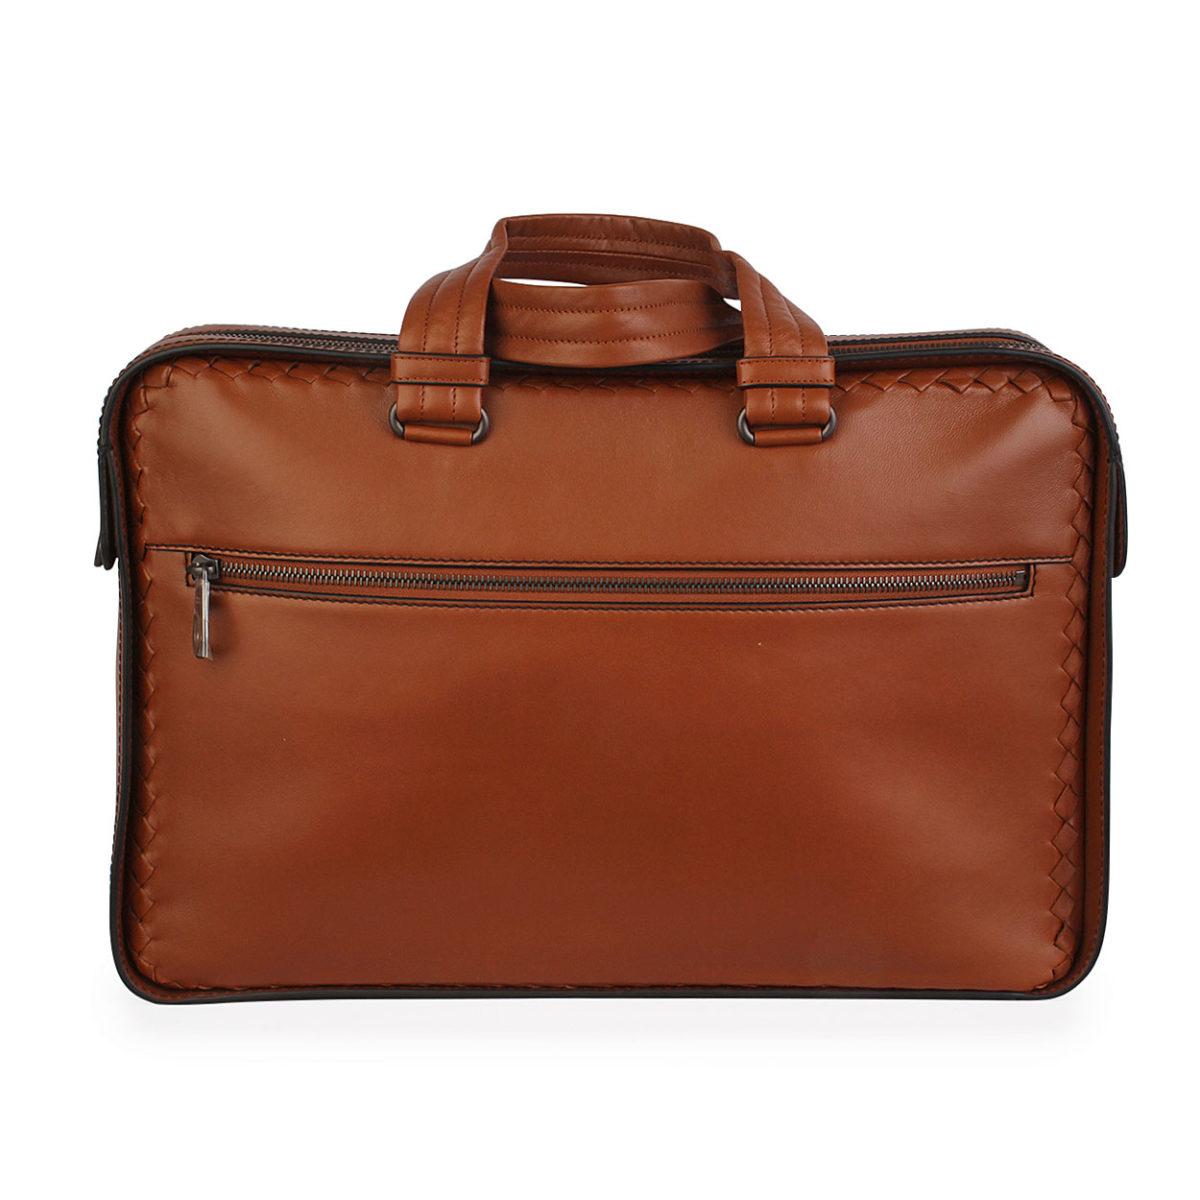 179e9836e8 BOTTEGA VENETA Leather Intrecciato Briefcase Brown